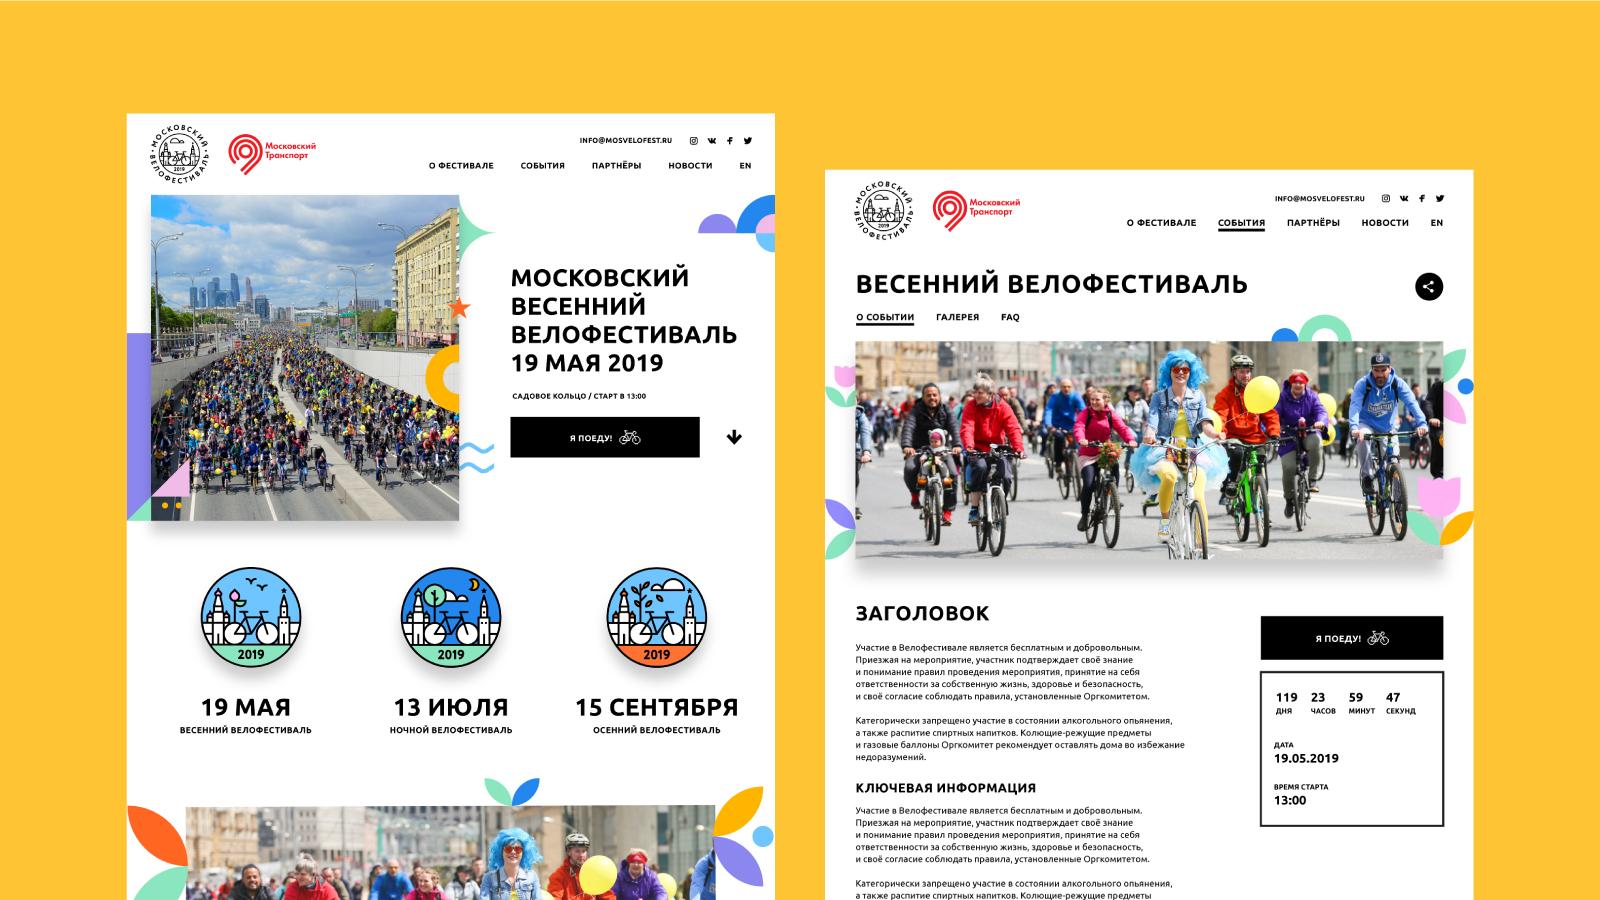 Разработанный дизайн сайта Велофестиваля максимально лаконичен, информативен и передает дух события.